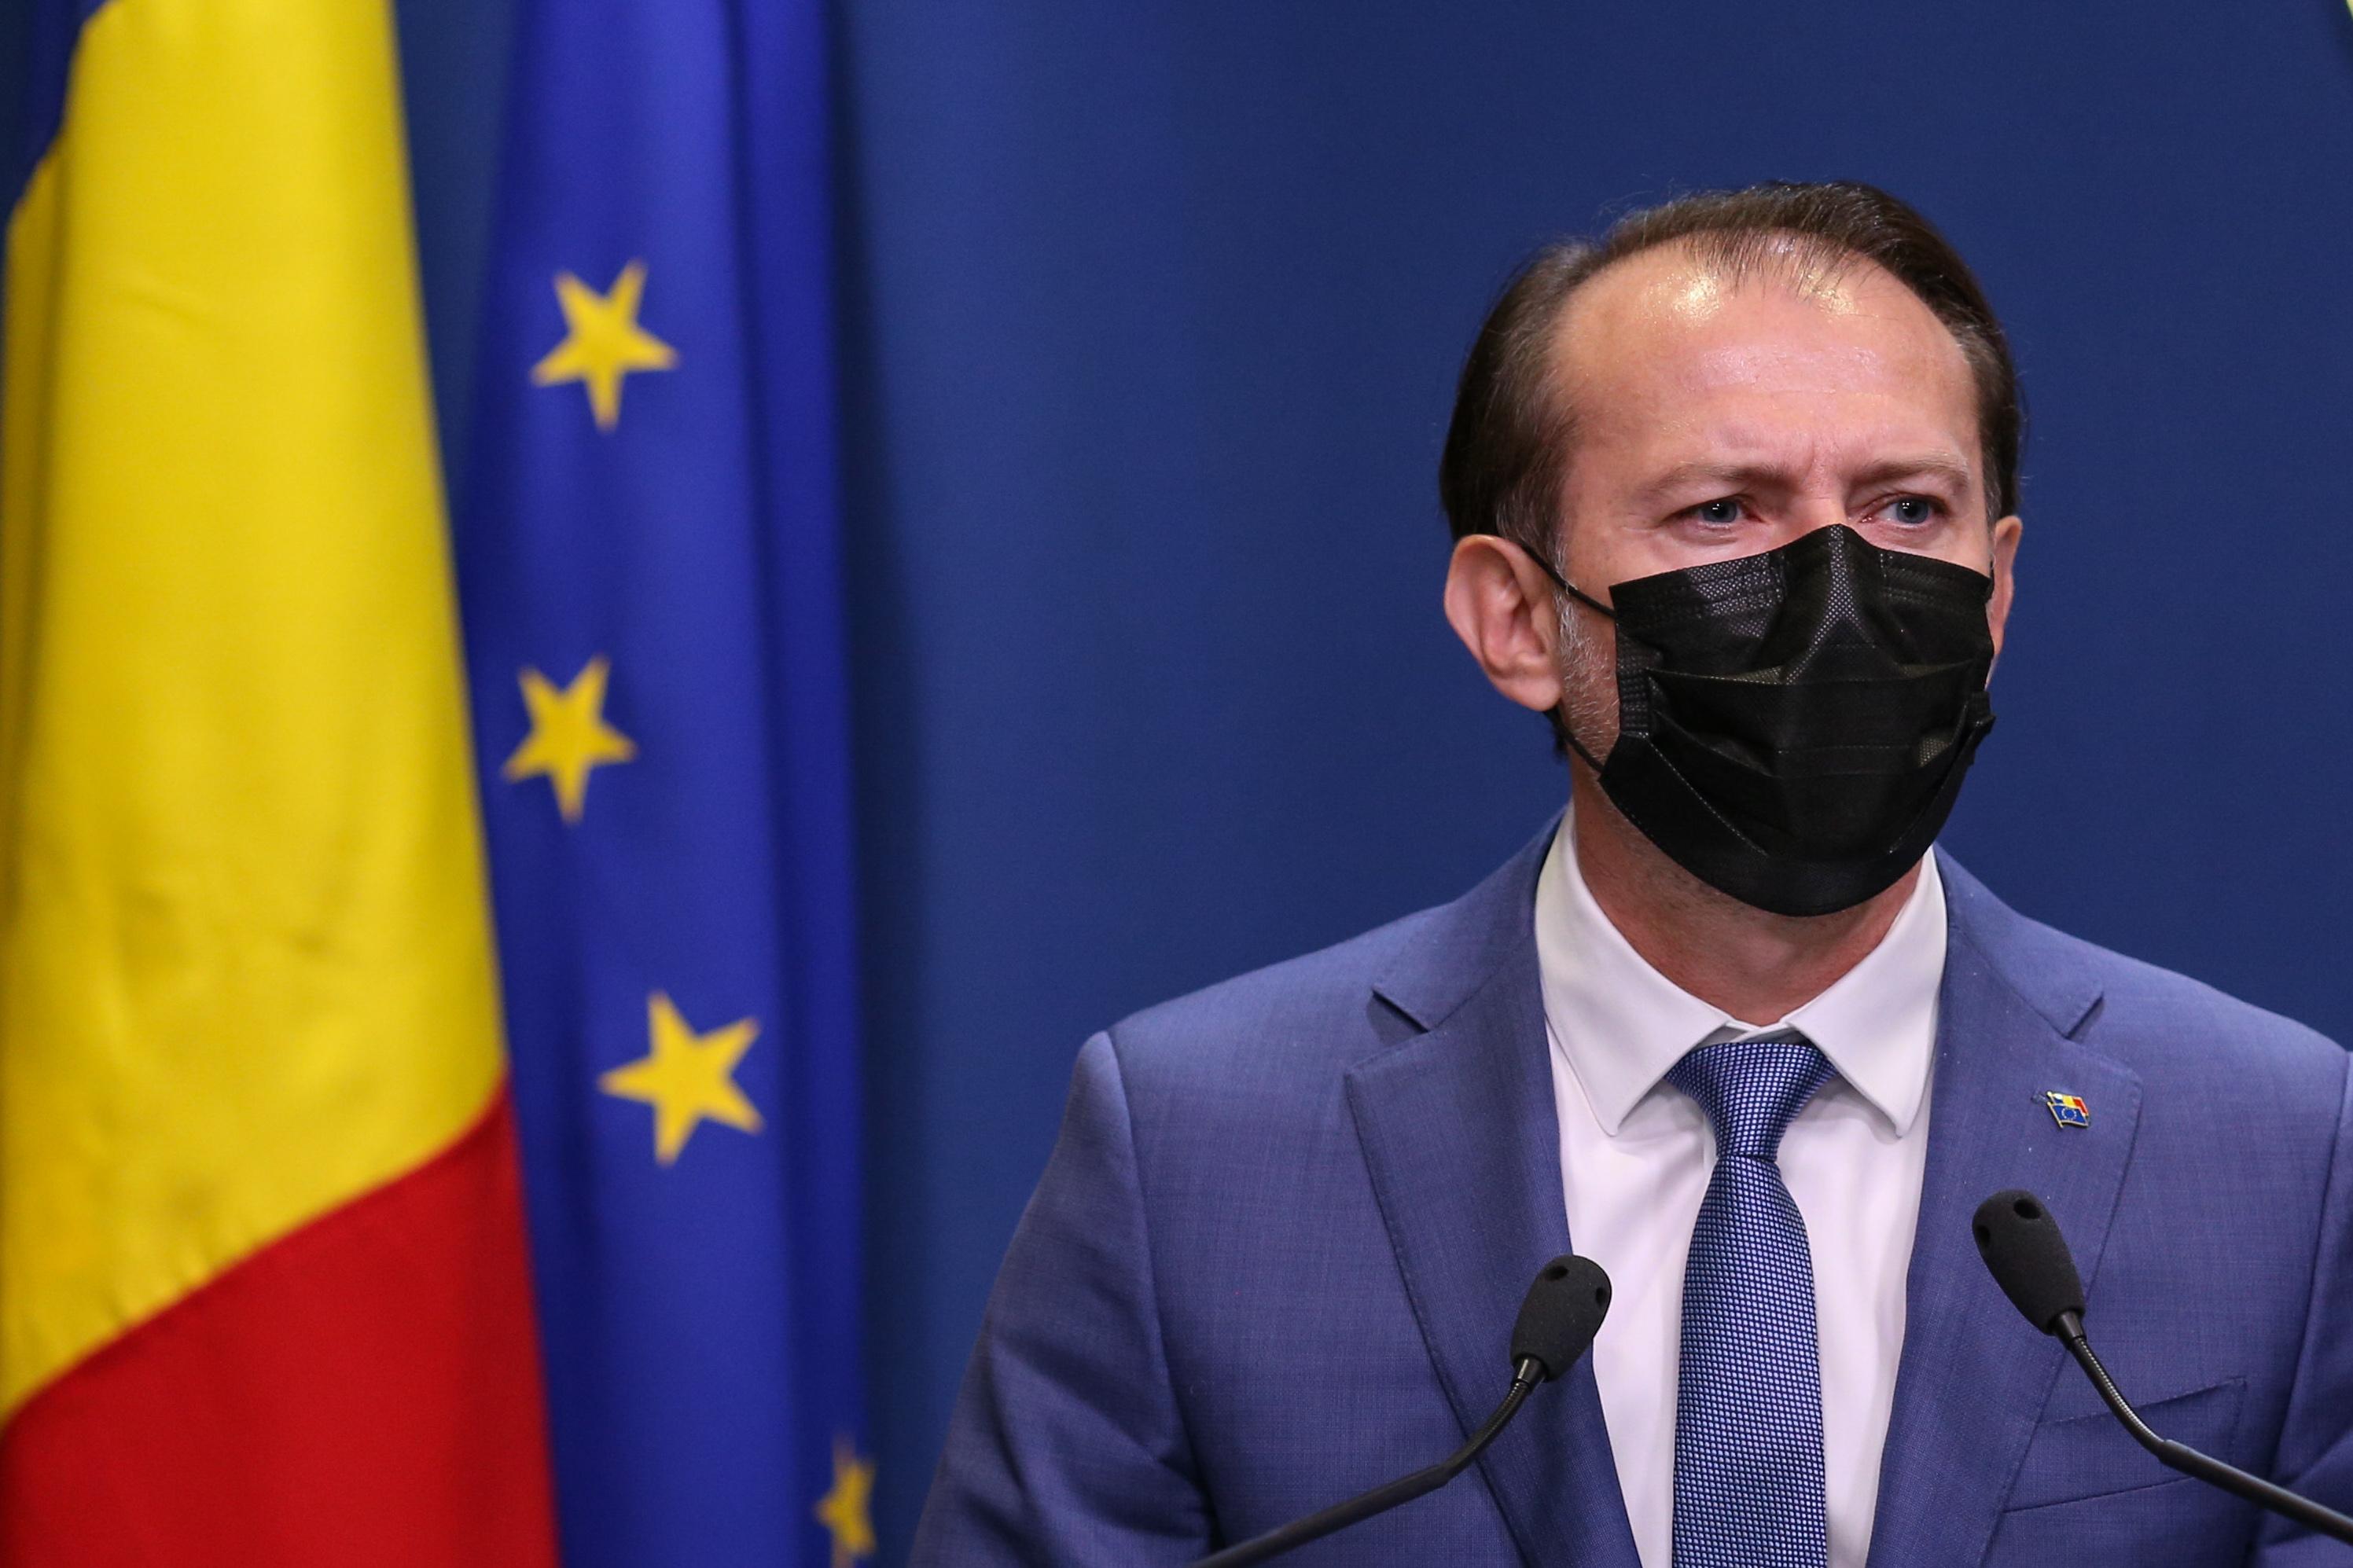 Cîțu: Miniștrii USR PLUS nu au venit la ședință, deși sunt plătiți pentru asta. A fost aprobat programul 'Anghel Saligny'